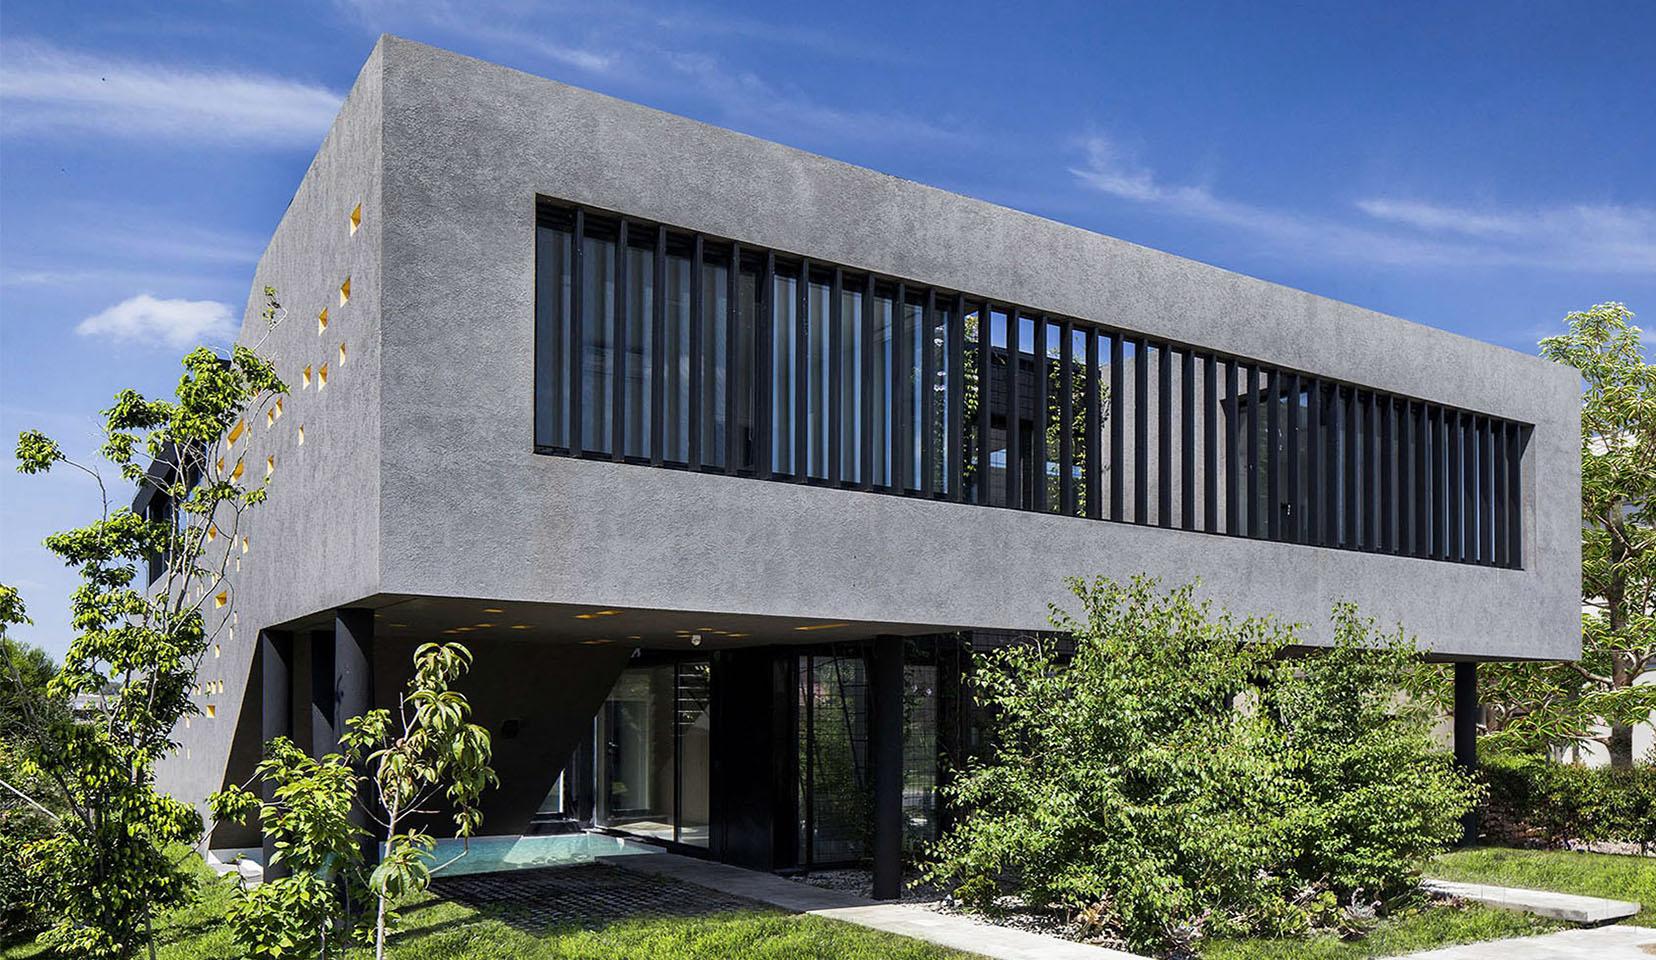 casas con living en voladizo, fachadas de tarquini, fachadas modernas, fachadas sintéticas